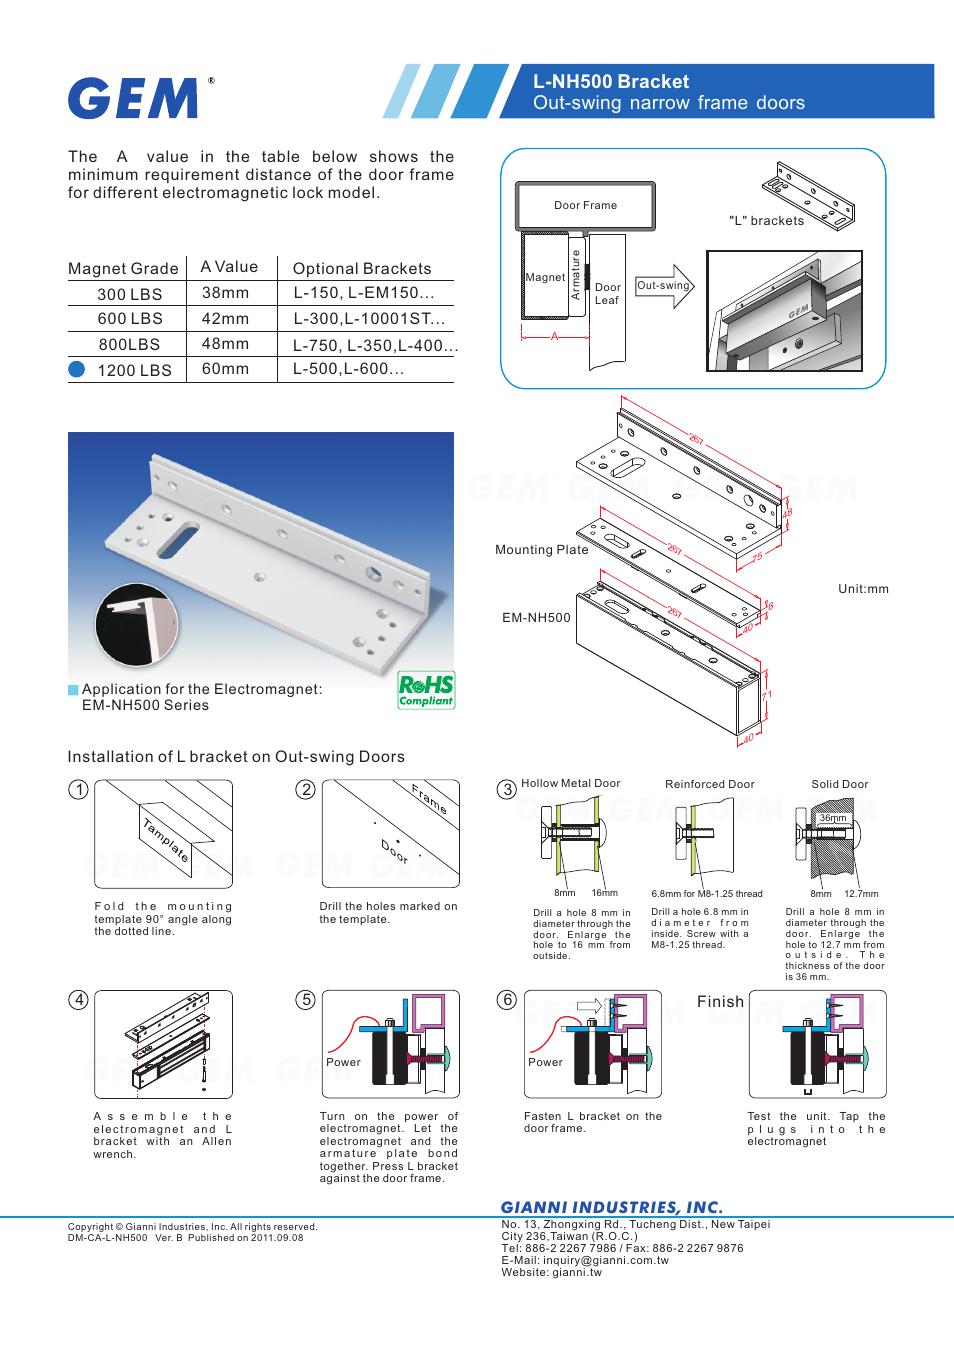 gianni industries l nh500 user manual 1 page original mode rh manualsdir com User Manual Template Operators Manual